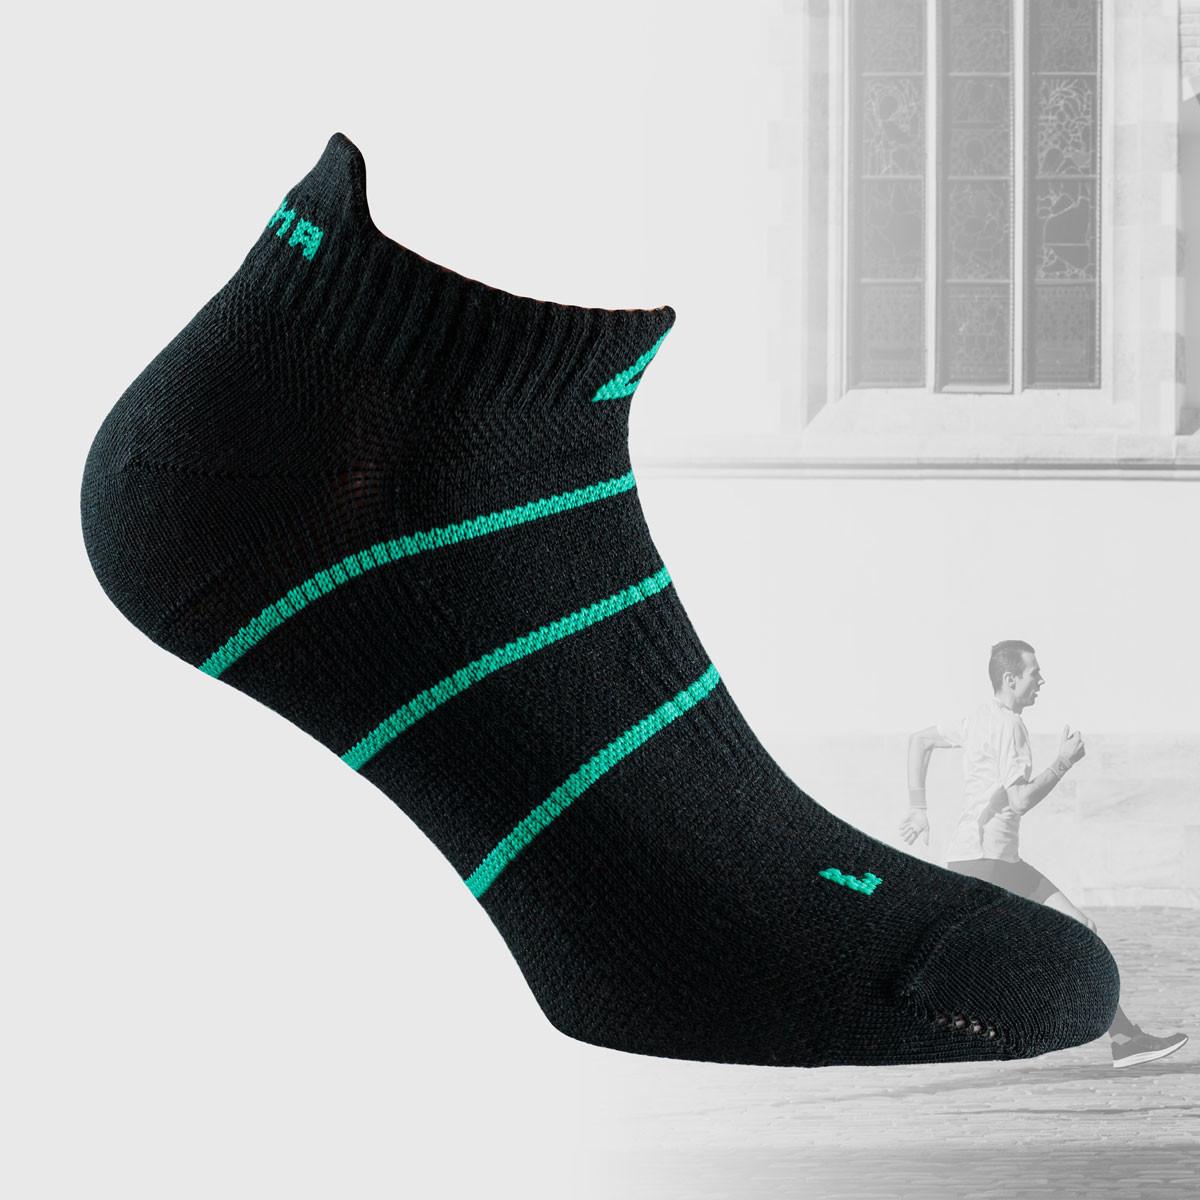 black running socks with grren stripes